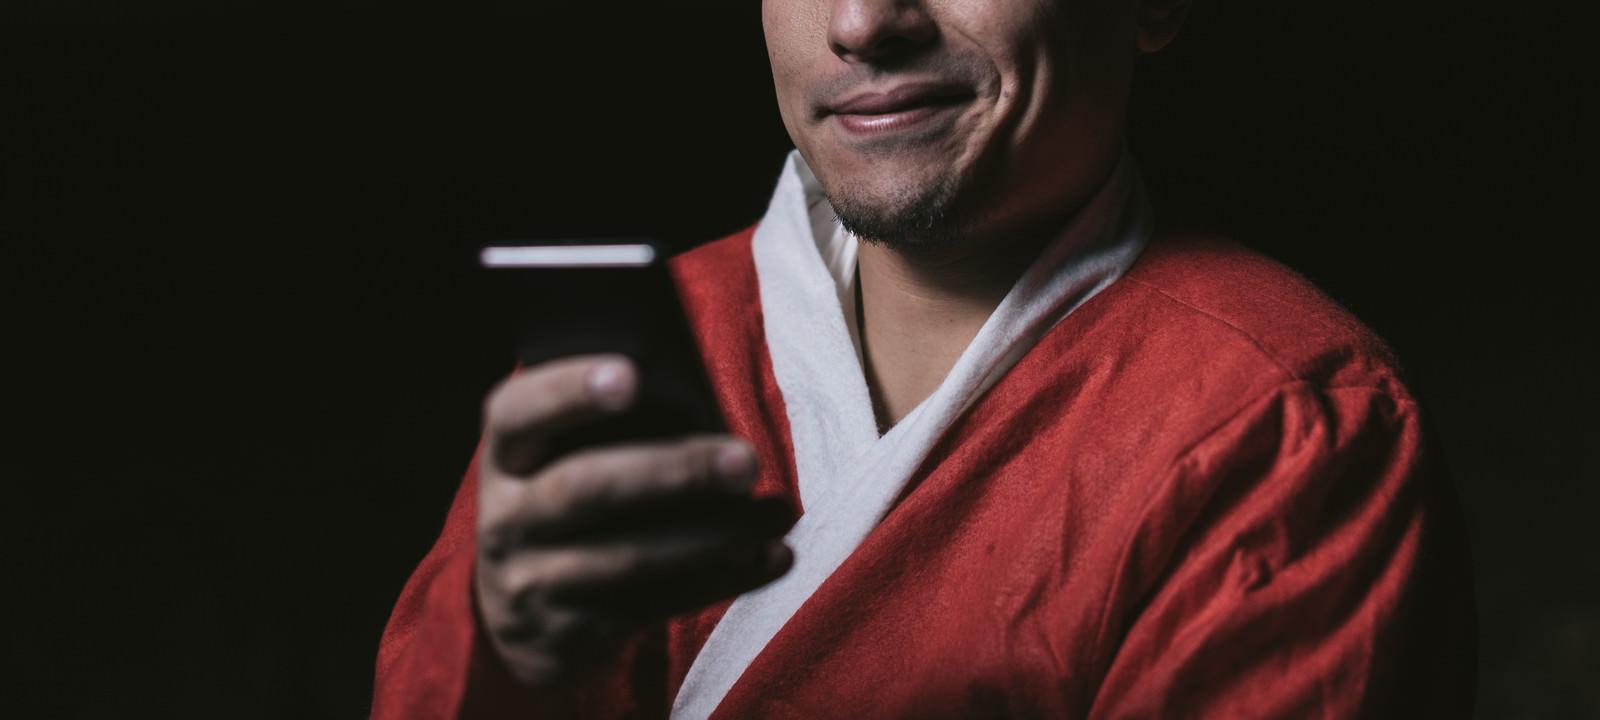 「サンタコスイベントを調べる独身男性」の写真